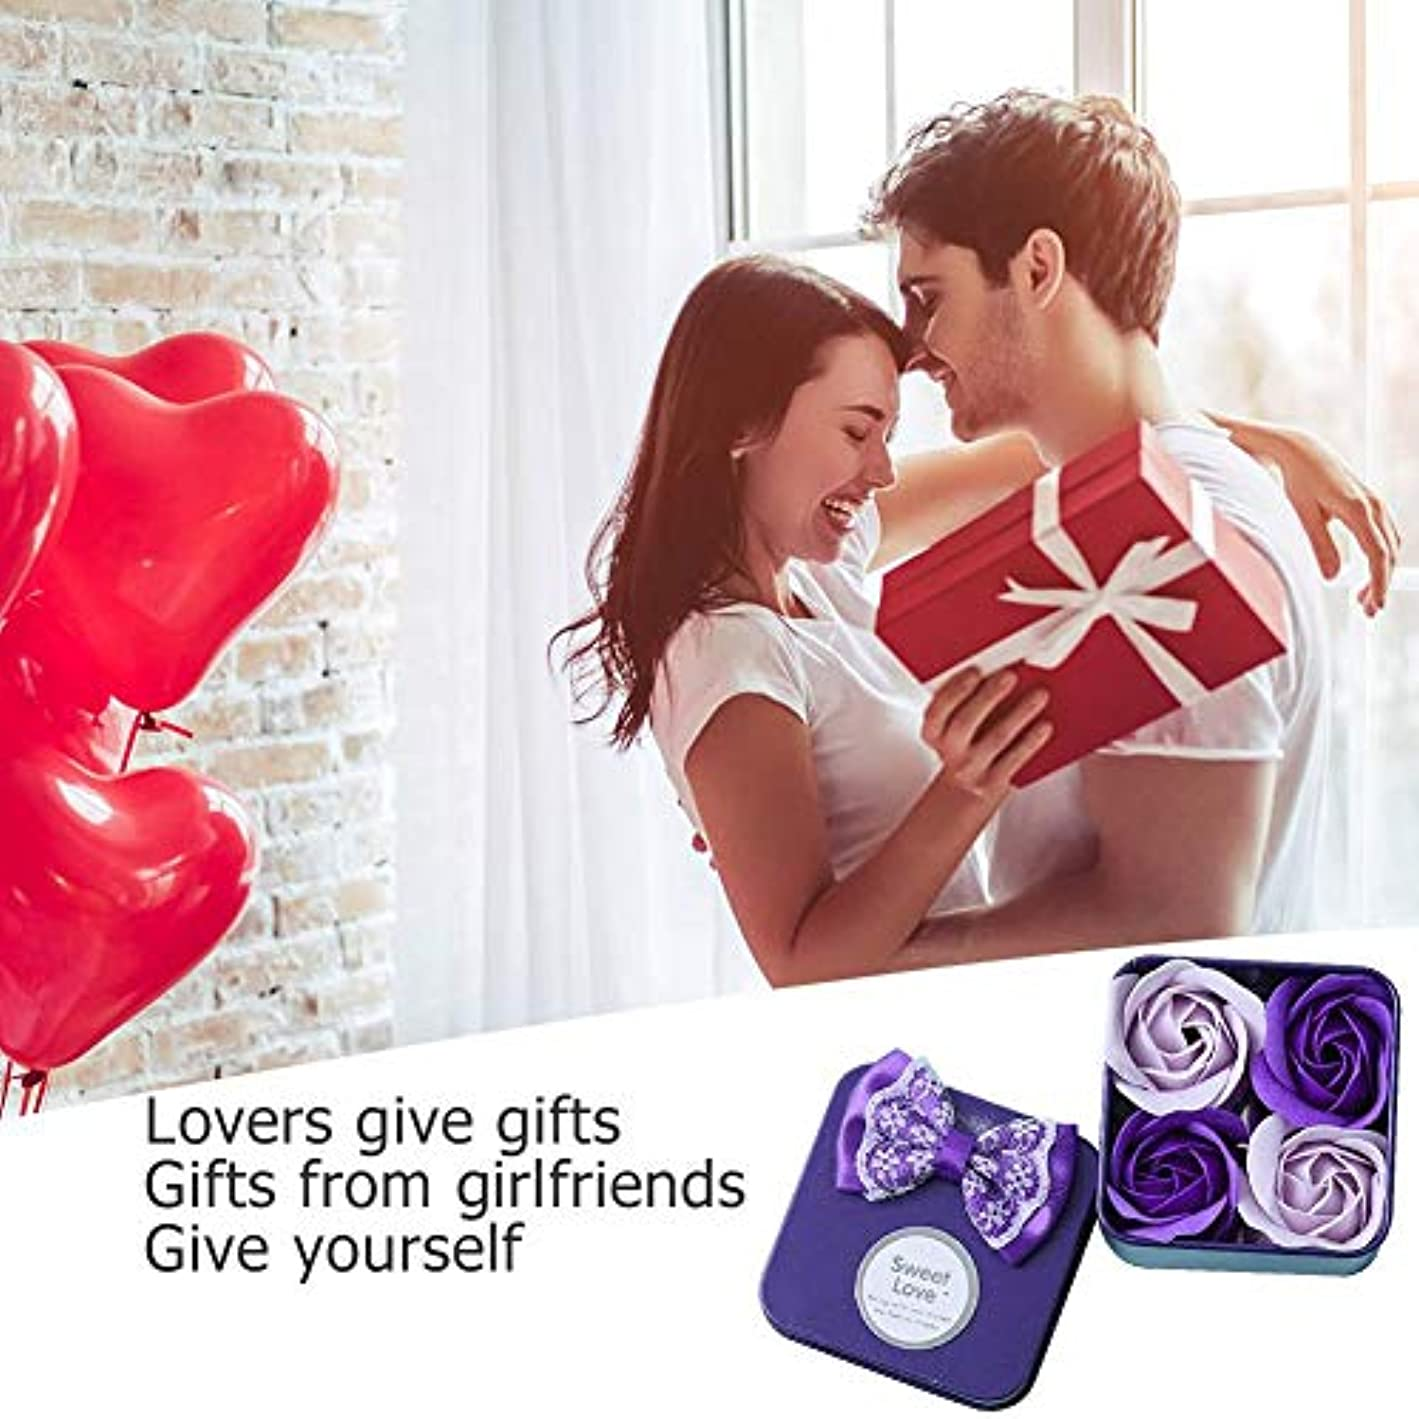 機動代わりに病者ローズフラワー石鹸 香料入り 風呂 花びら石鹸 香り石鹸 バレンタインデーギフト 4個/ボックス 手作り 母の日 誕生日プレゼント 贈り物 お祝い Amiu